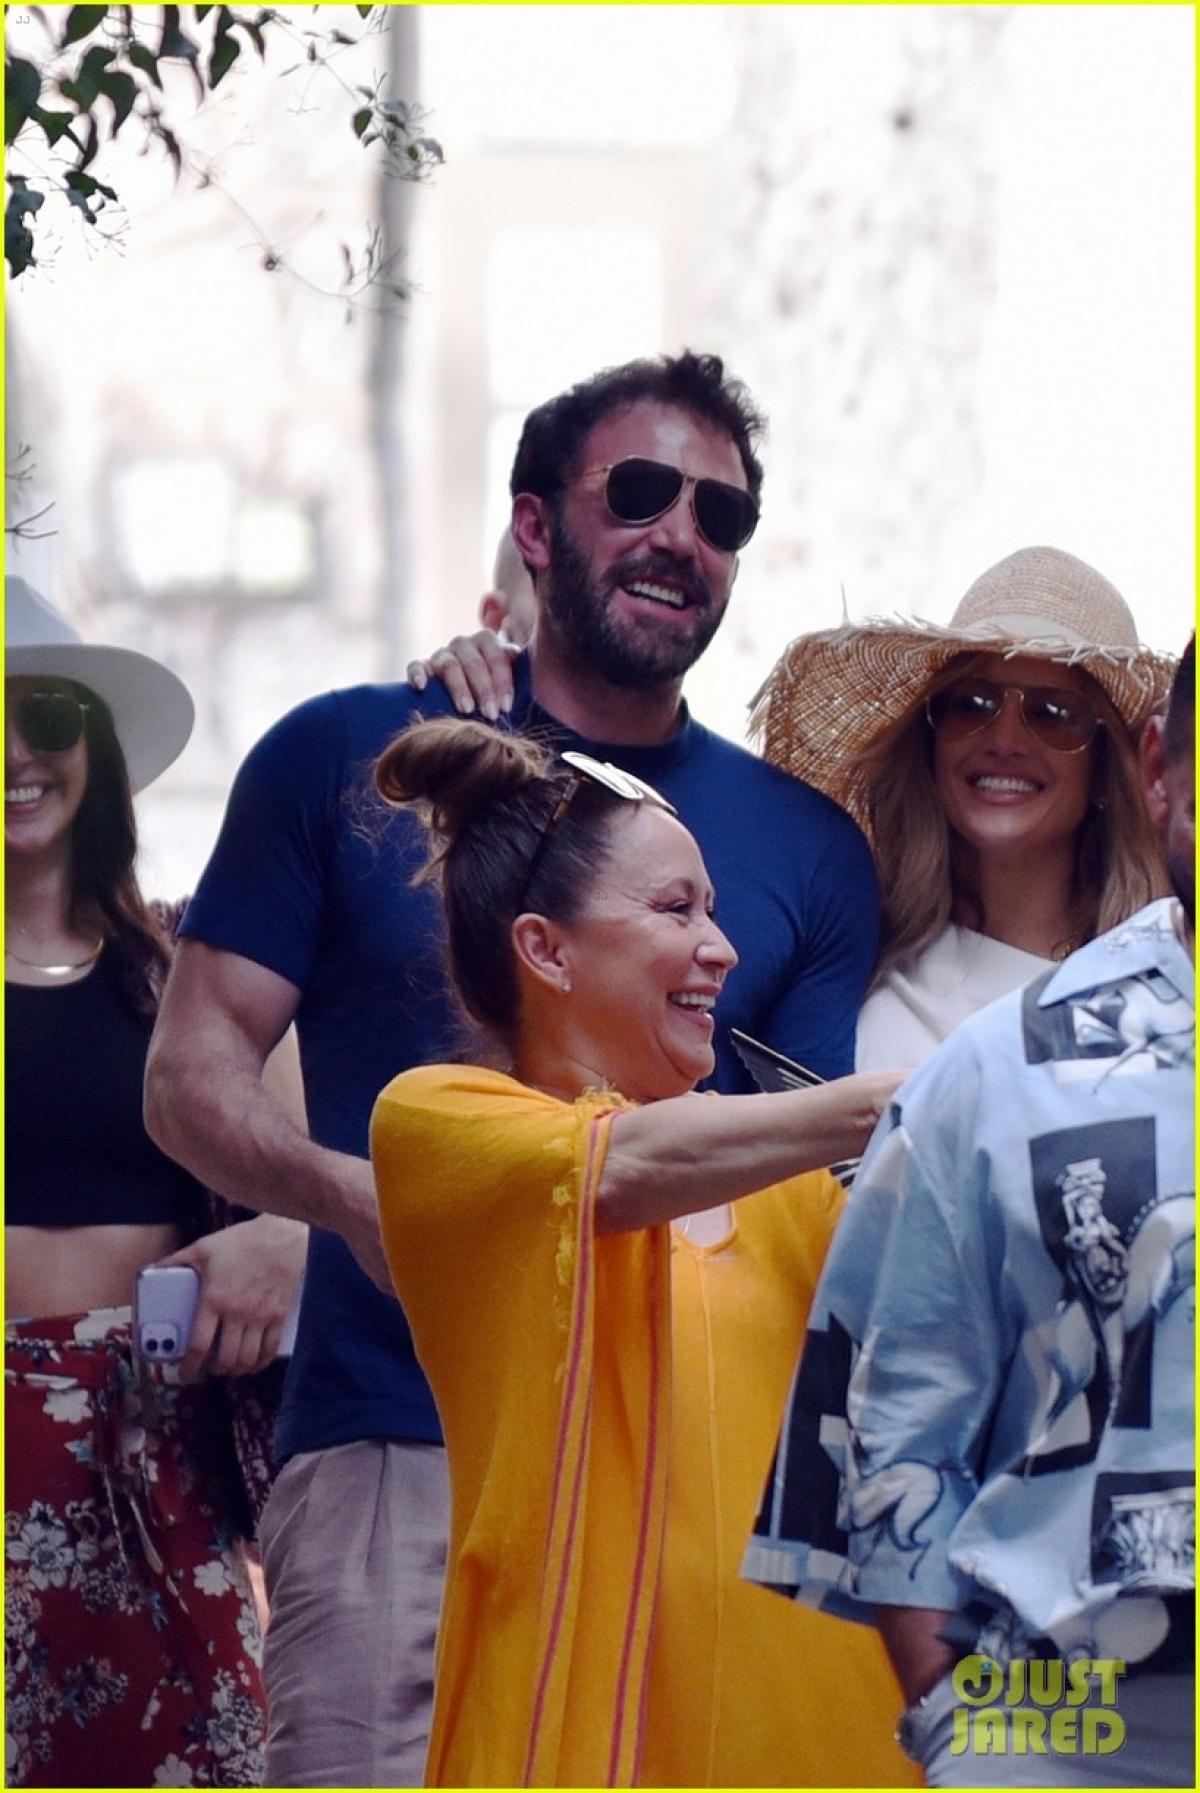 Jennifer Lopez mặc set đồ trắng giản dị, đội mũ rộng vành và nở nụ cười rạng rỡ khi sánh đôi bên bạn trai.